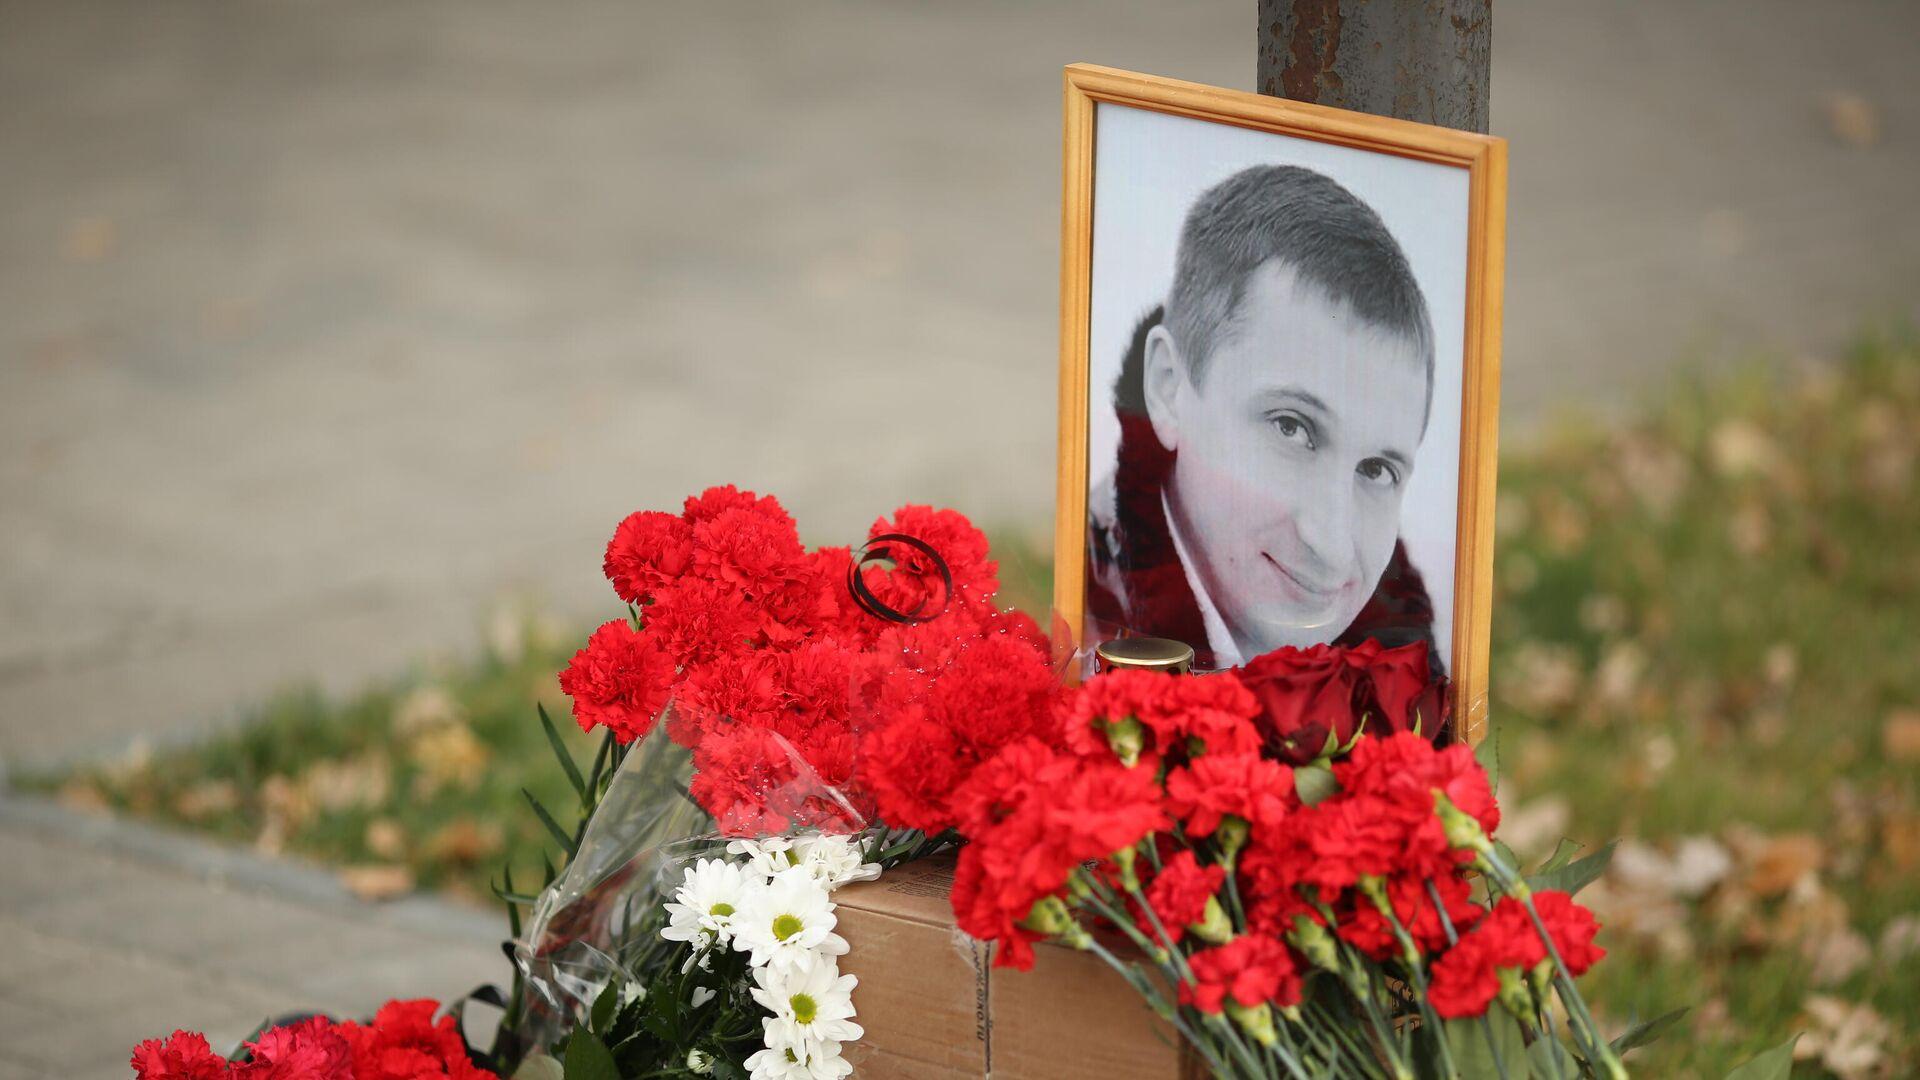 Стихийный мемориал на месте гибели Романа Гребенюка в Волгограде - РИА Новости, 1920, 28.11.2020